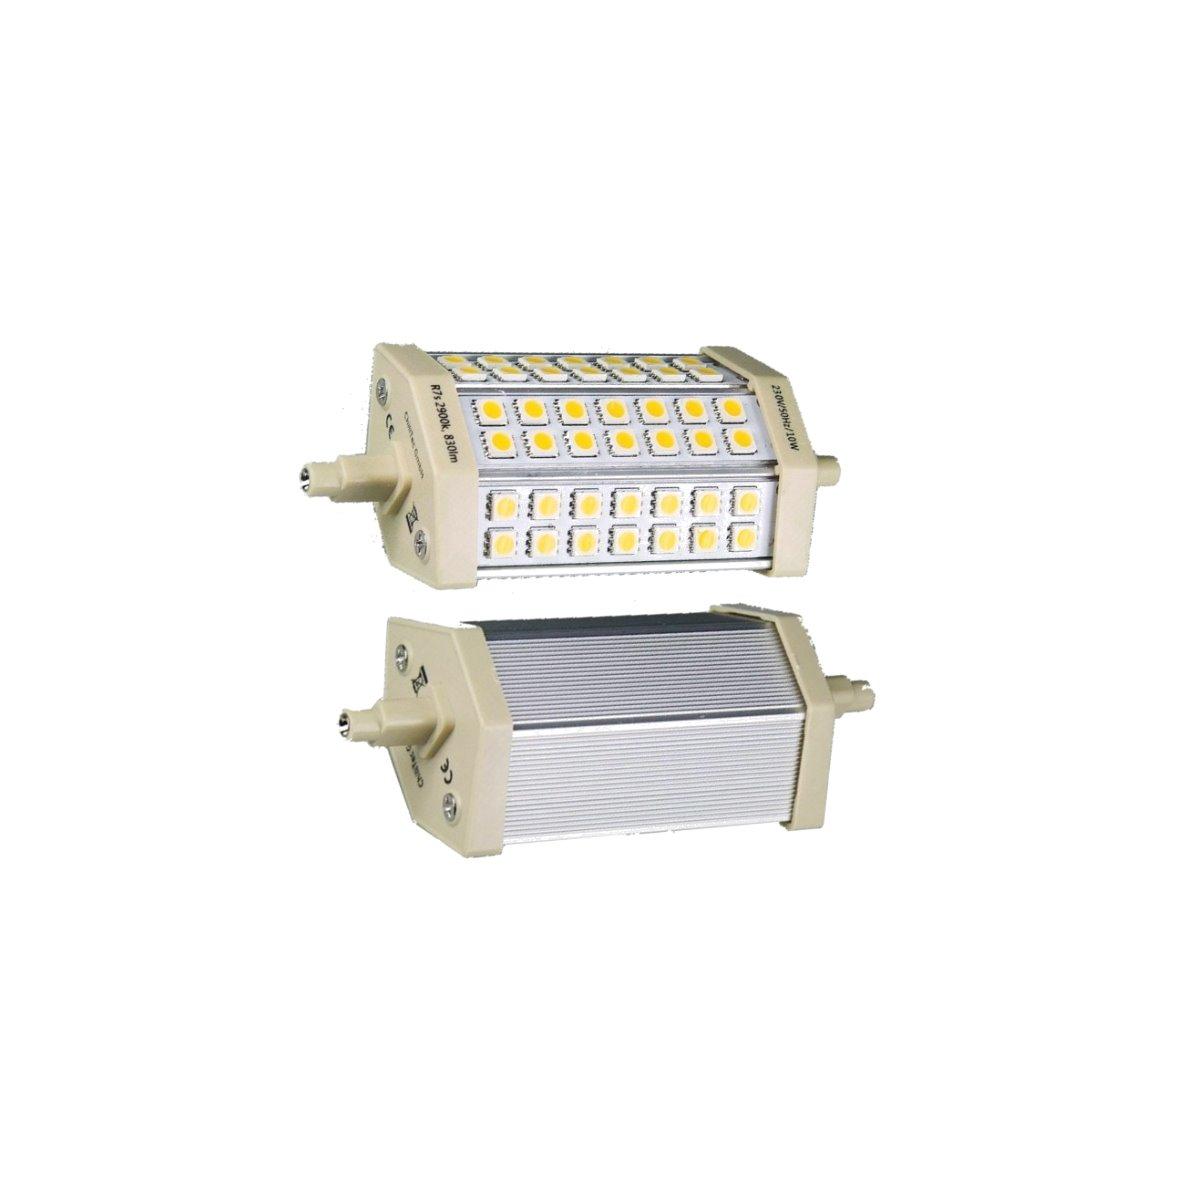 led smd r7s leuchtmittel dimmbar 360 78 118 mm. Black Bedroom Furniture Sets. Home Design Ideas